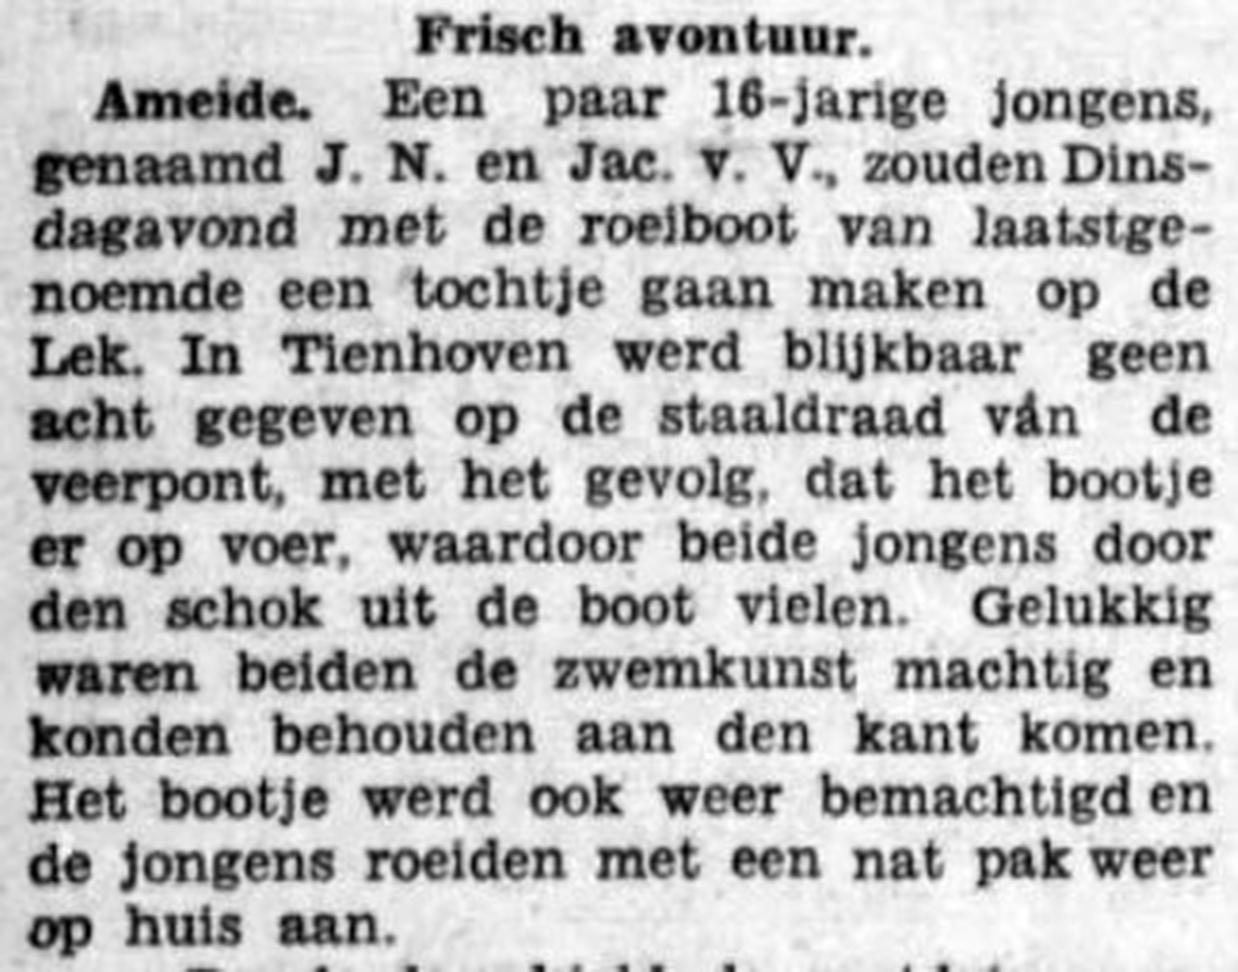 schoonhovensche-courant-06807-1937-05-10-artikel-04